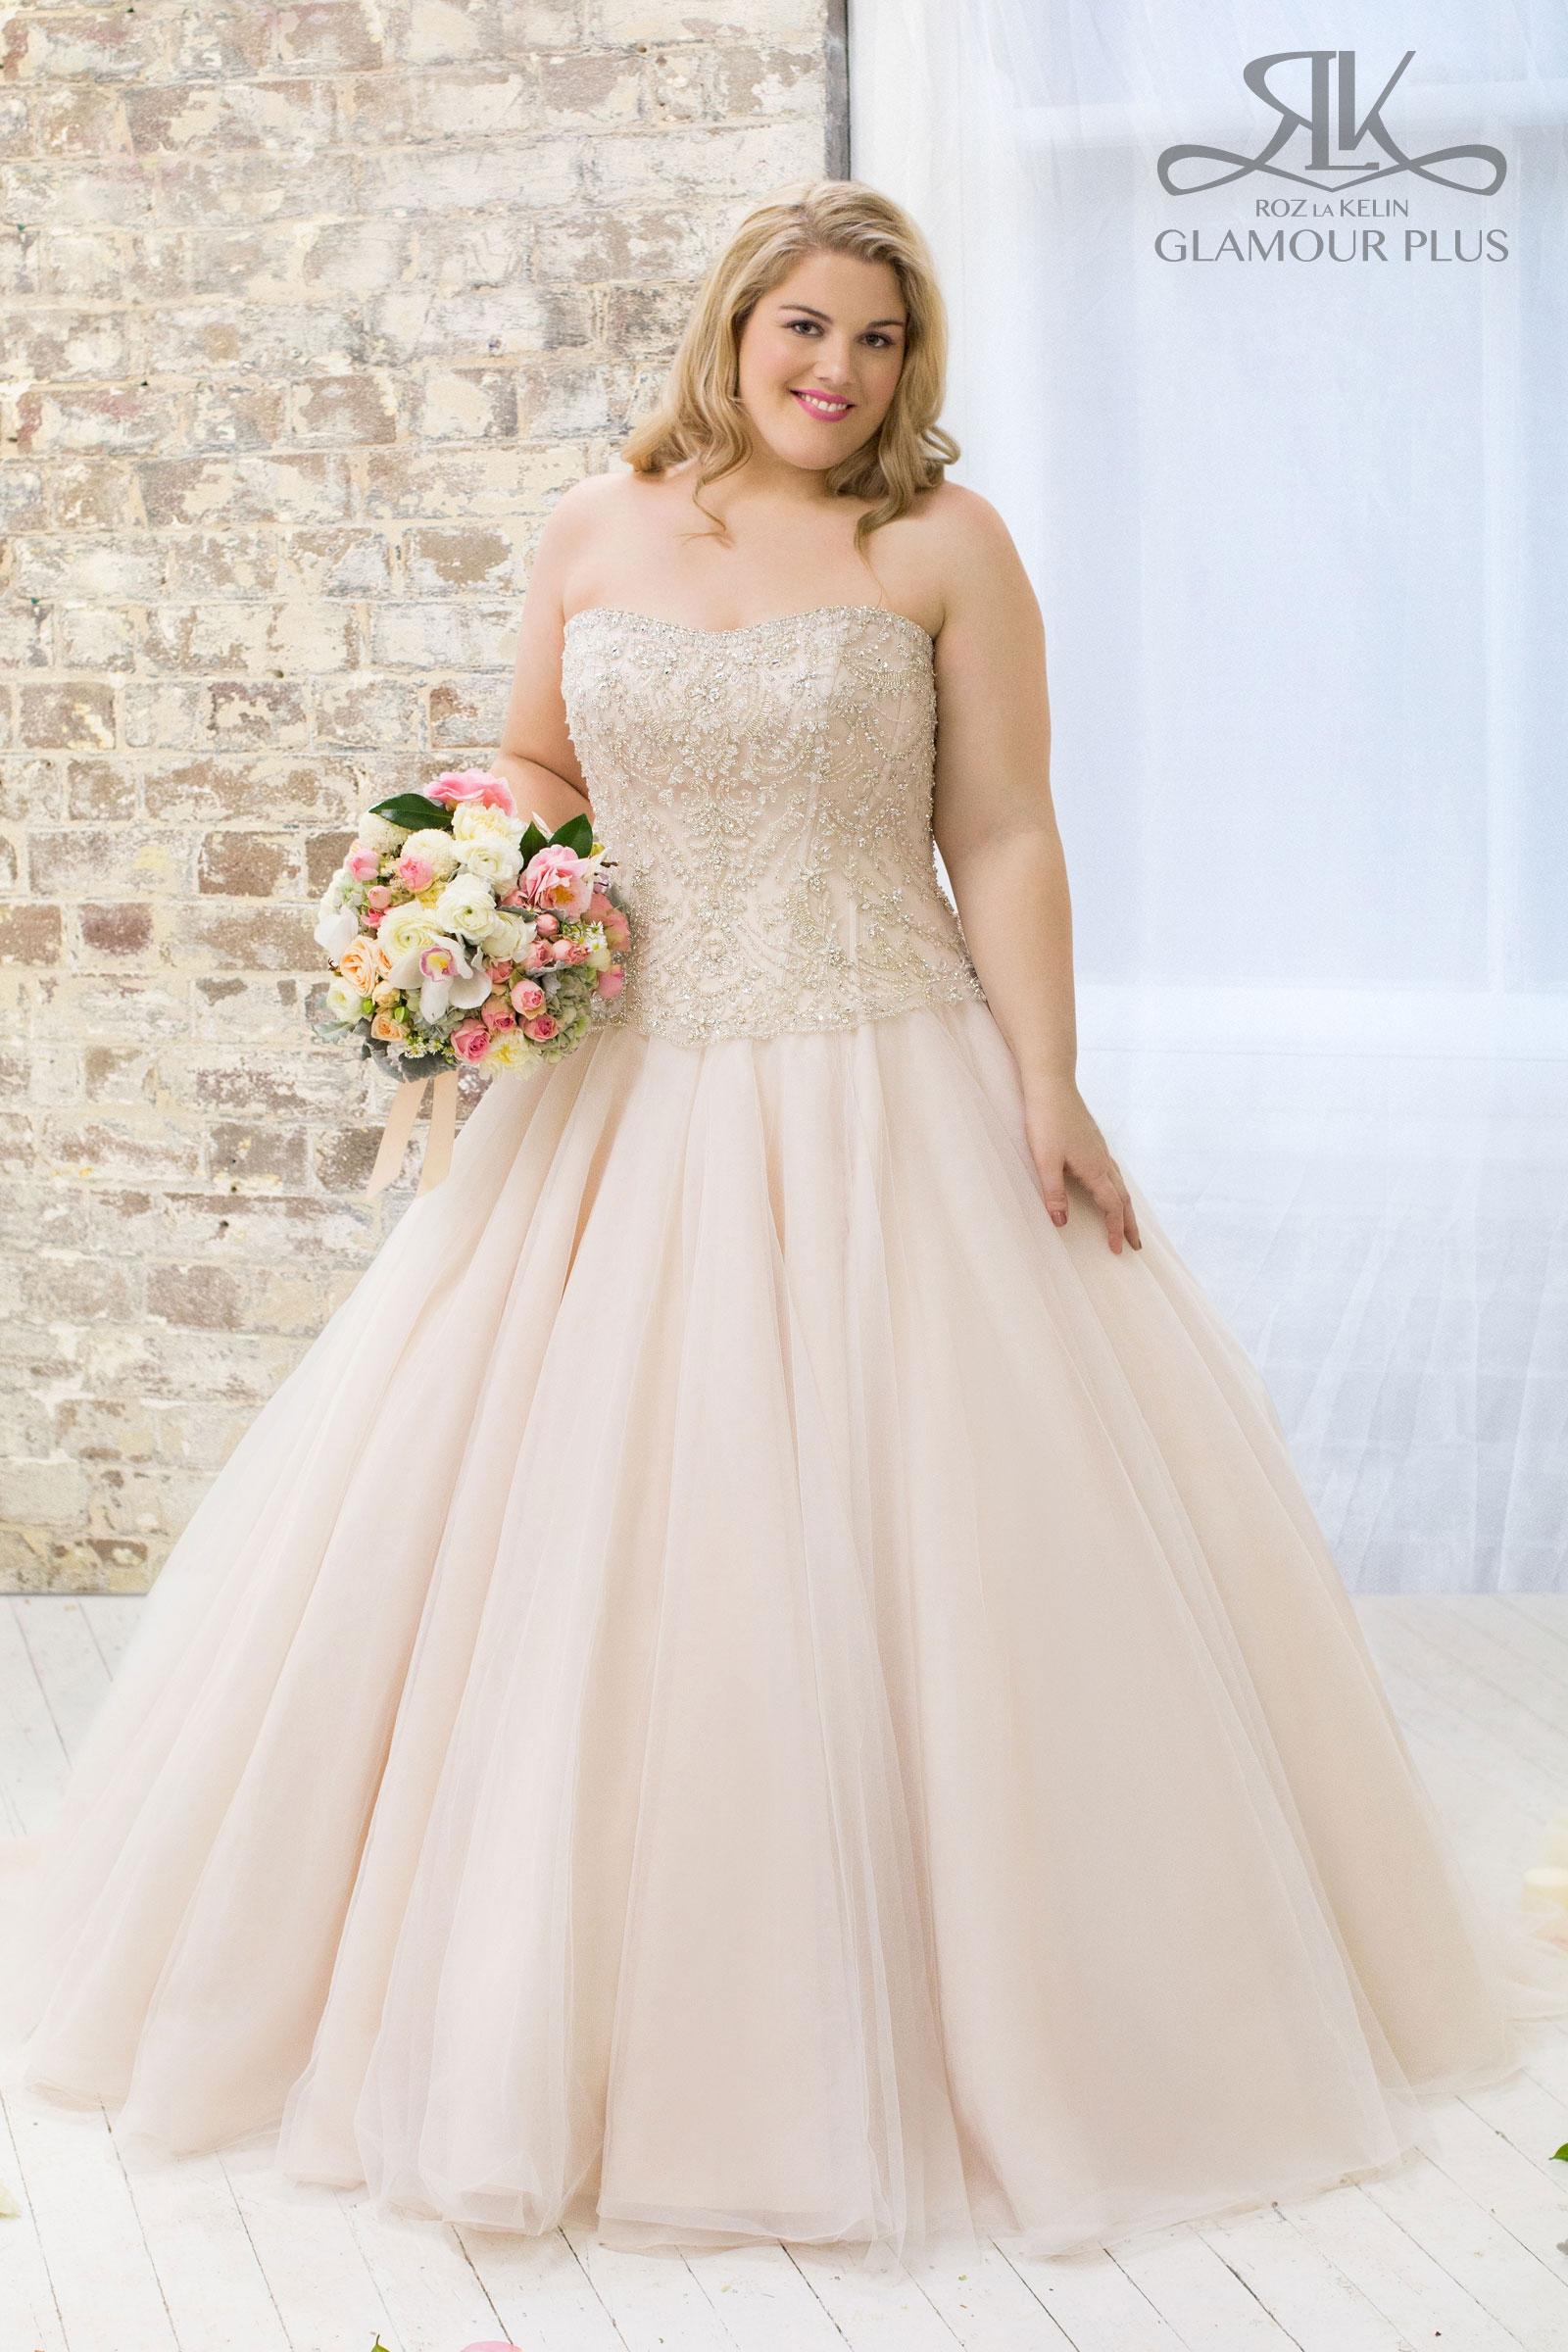 Roz la kelin tulip 5852t used wedding dress on sale 51 off for Plus size wedding dresses on sale